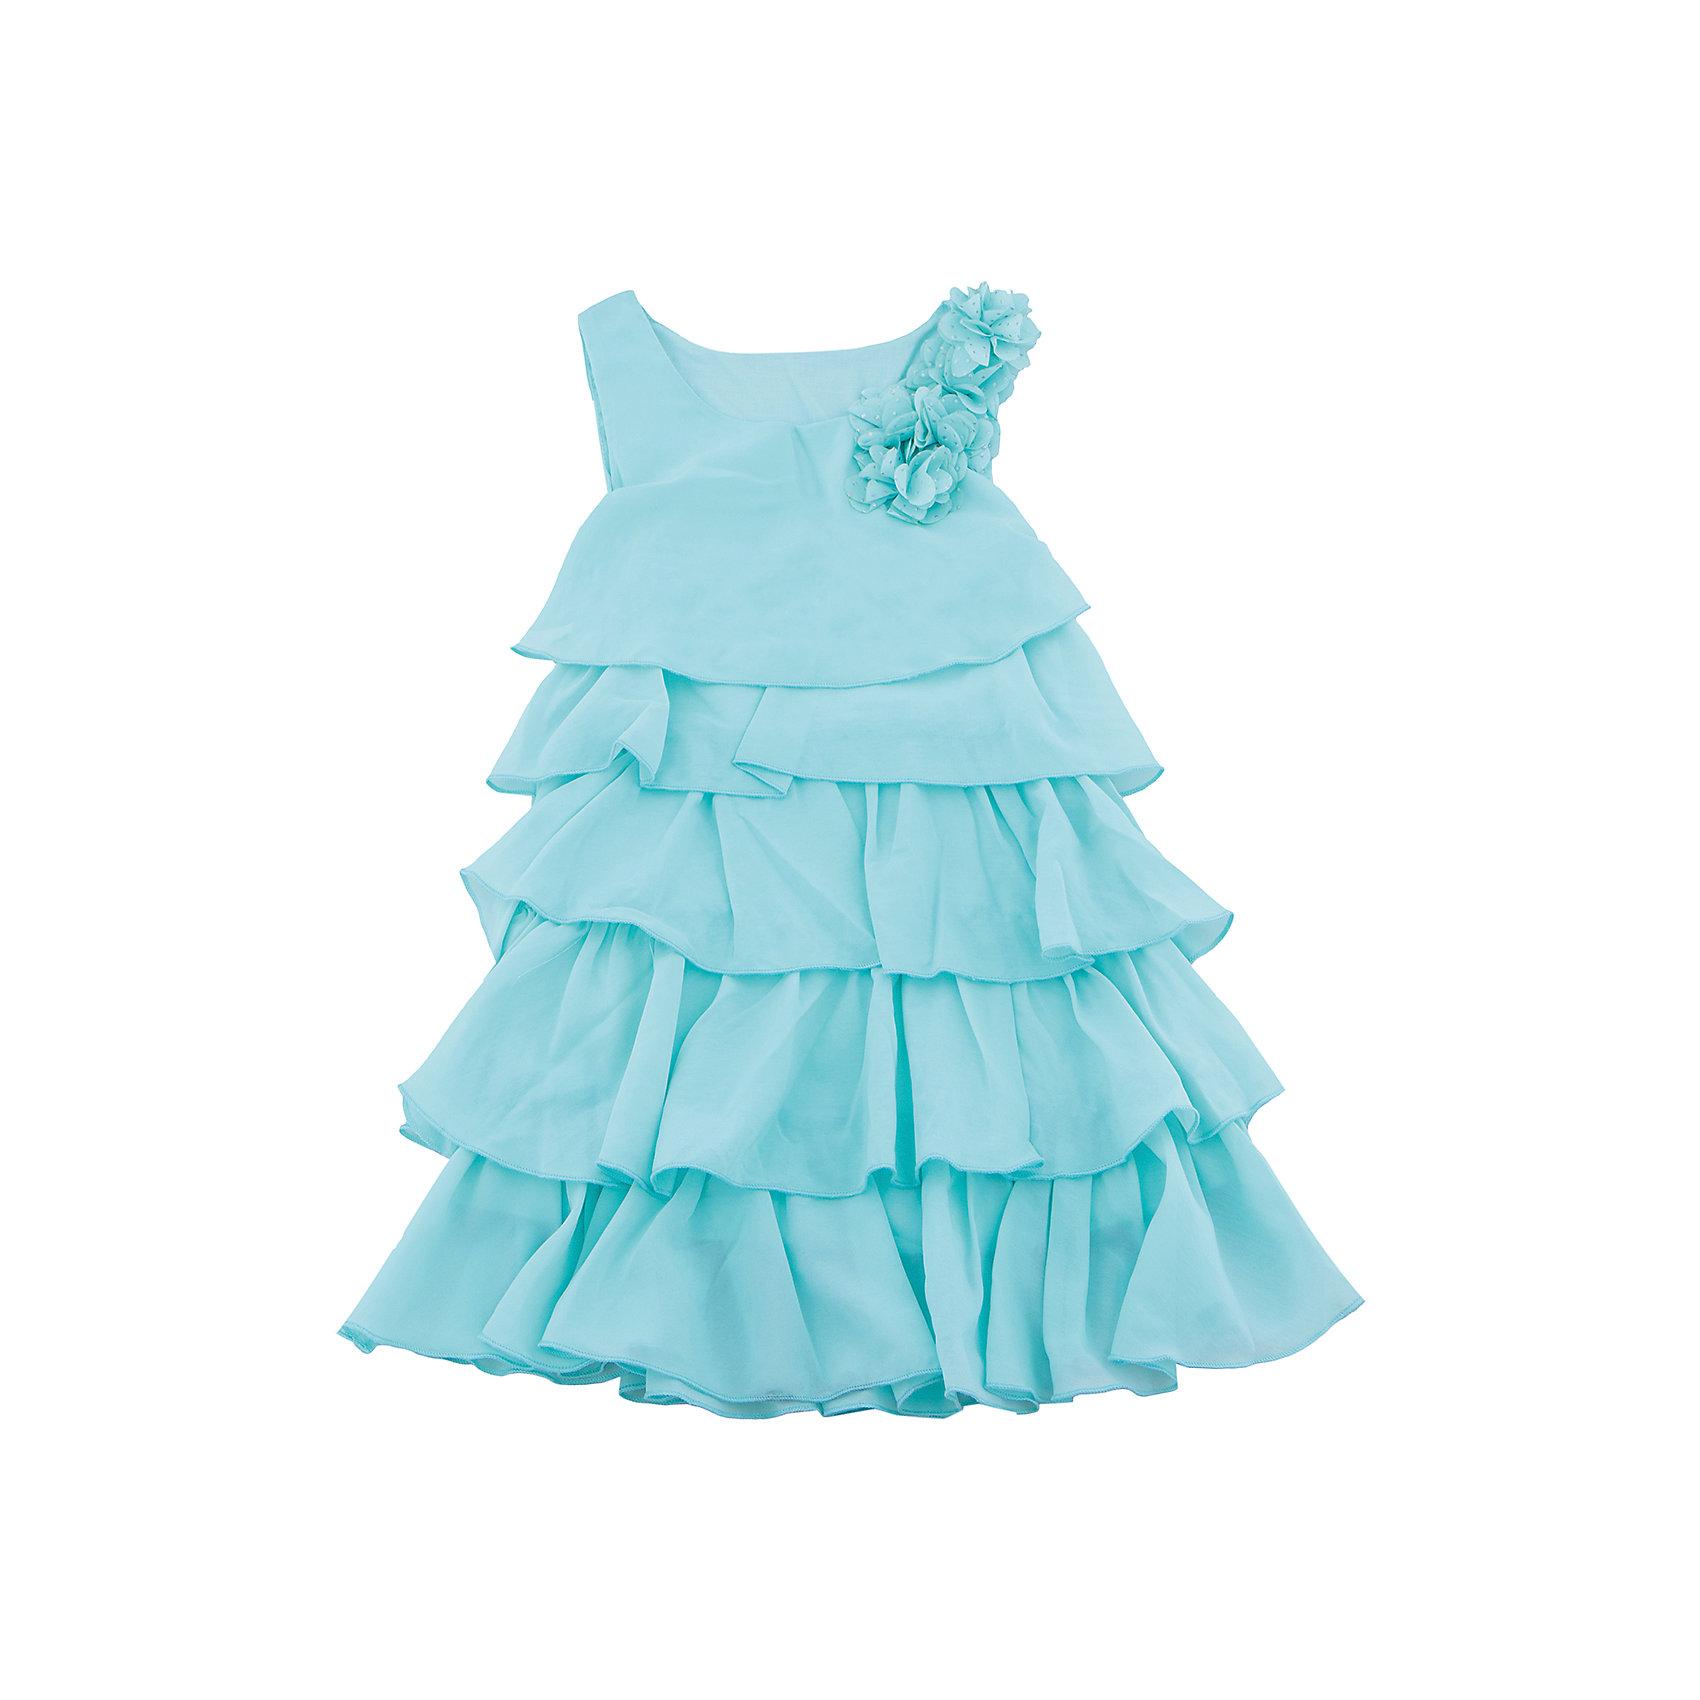 Платье для девочки Sweet BerryОдежда<br>Стильное платье для девочки из многослойной ткани. Лиф платья декорирован цветами. Свободный крой.<br>Состав:<br>Верх: 100% полиэстер, Подкладка: 100%хлопок<br><br>Ширина мм: 236<br>Глубина мм: 16<br>Высота мм: 184<br>Вес г: 177<br>Цвет: голубой<br>Возраст от месяцев: 24<br>Возраст до месяцев: 36<br>Пол: Женский<br>Возраст: Детский<br>Размер: 98,110,116,122,128,104<br>SKU: 5412741